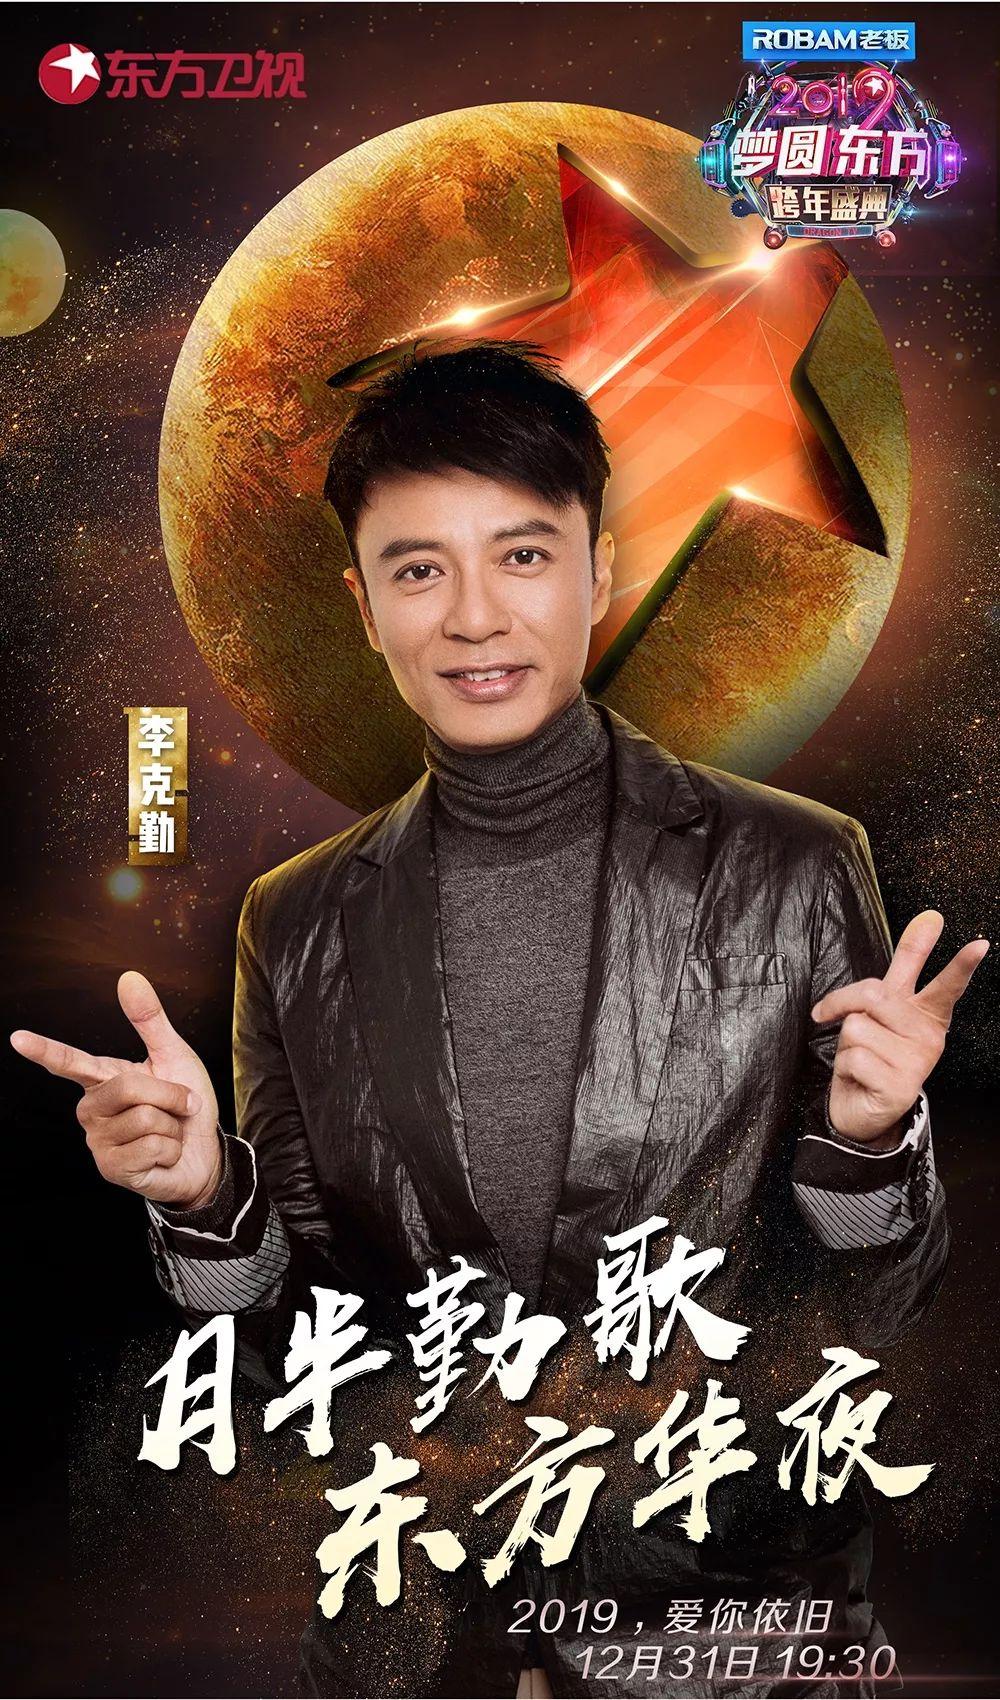 费玉清蔡琴李克勤加盟2019东方卫视跨年盛典